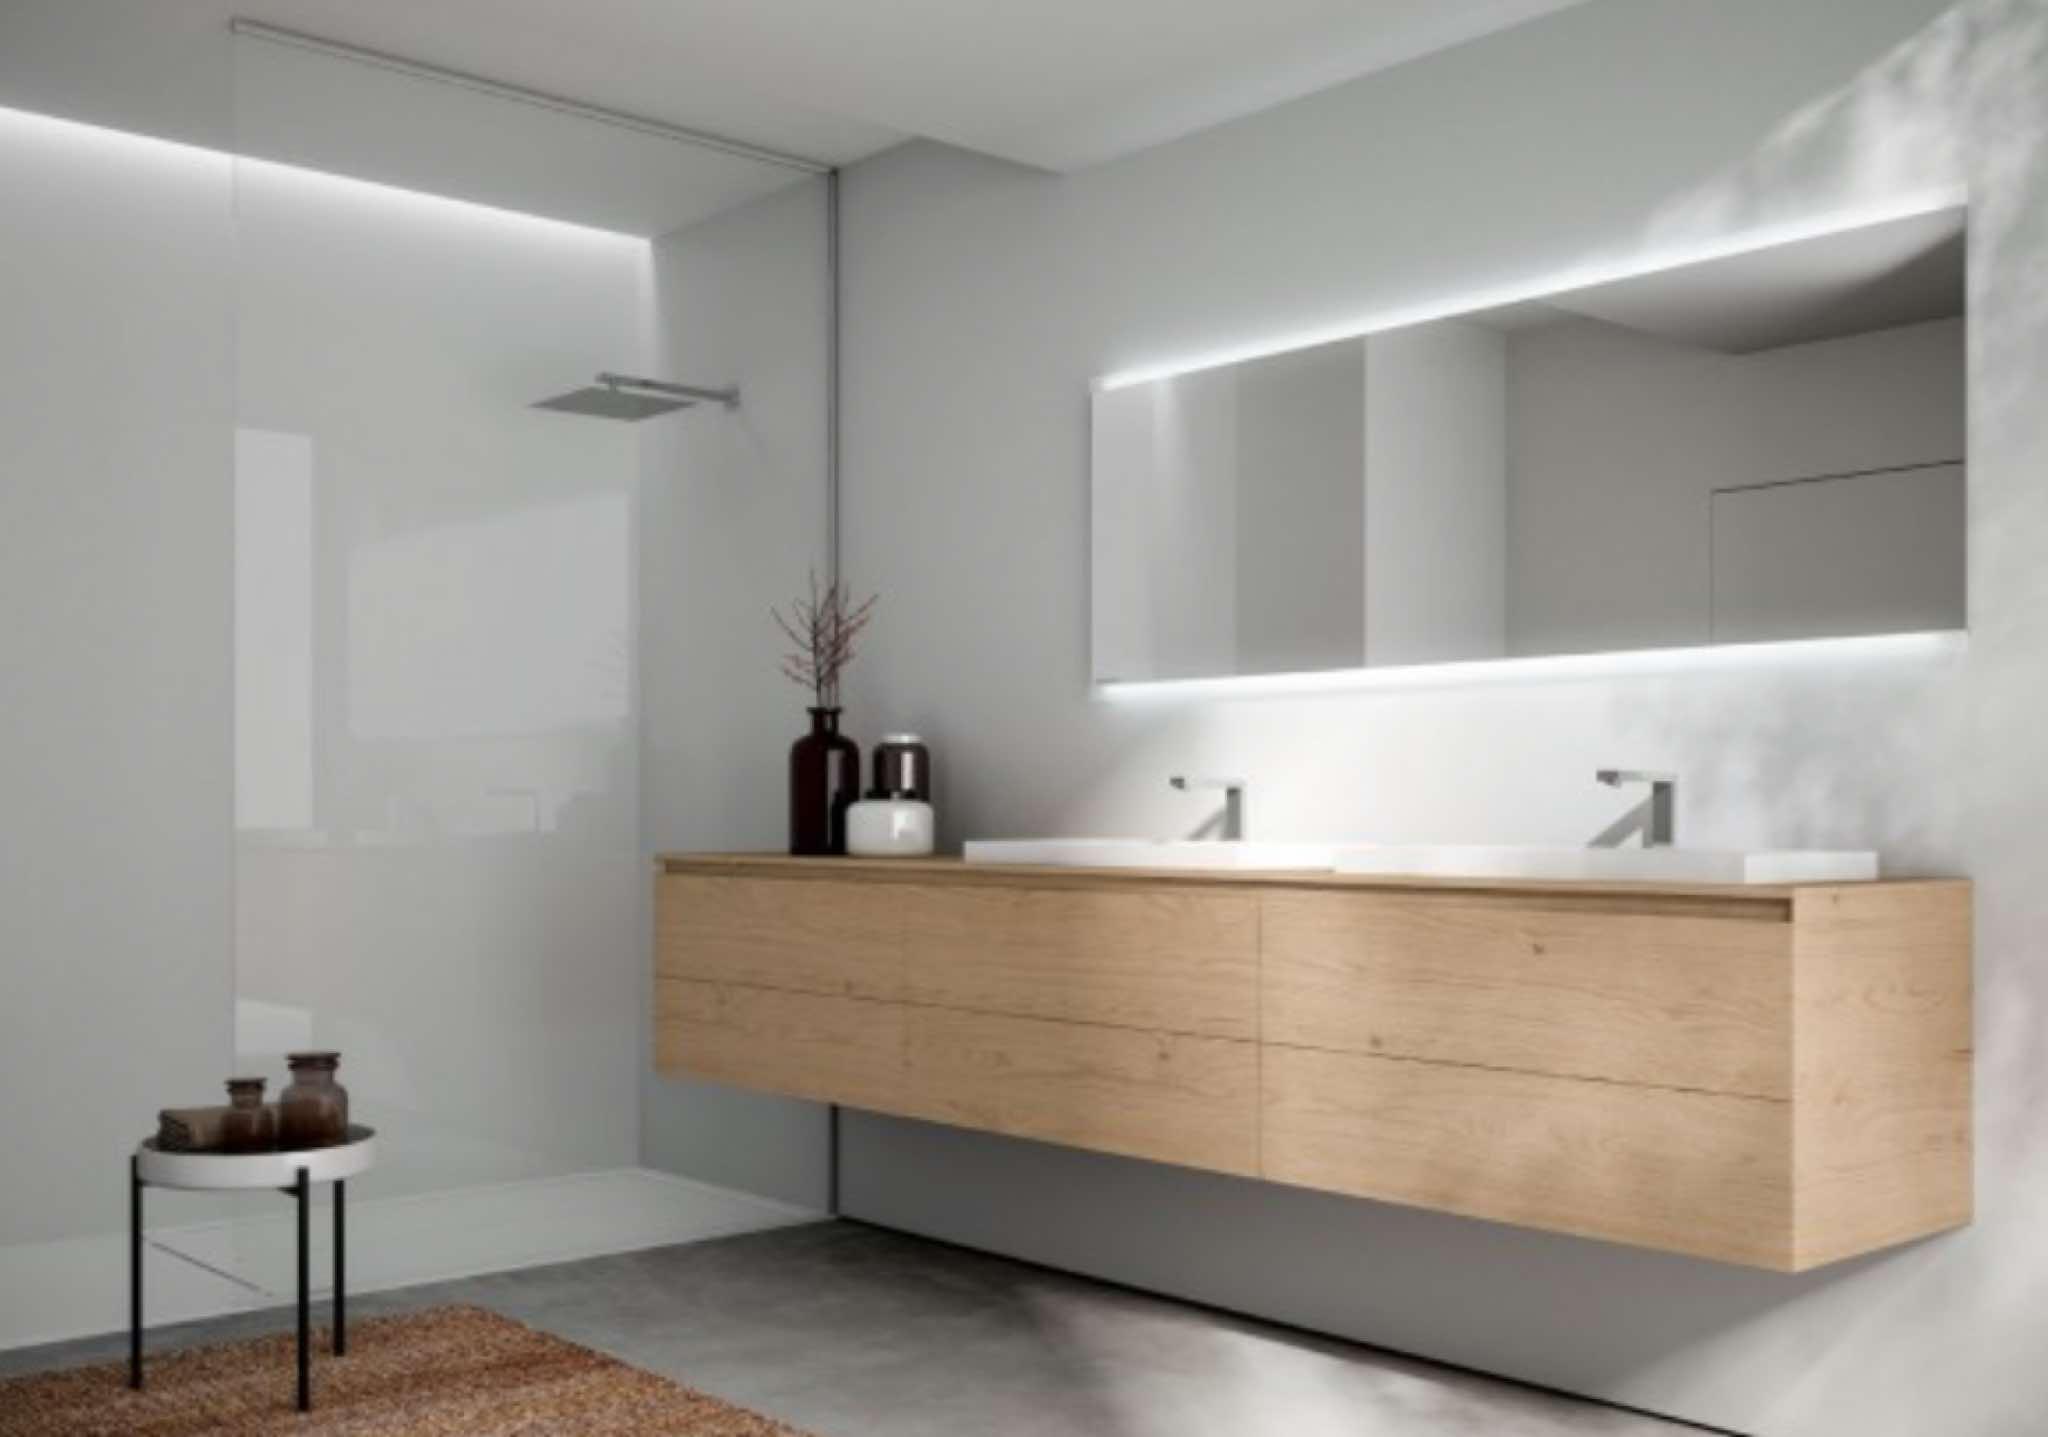 dove possibile travare soluzioni complete moderne classiche per la zona lavanderia piatti doccia box doccia e vasche da bagno